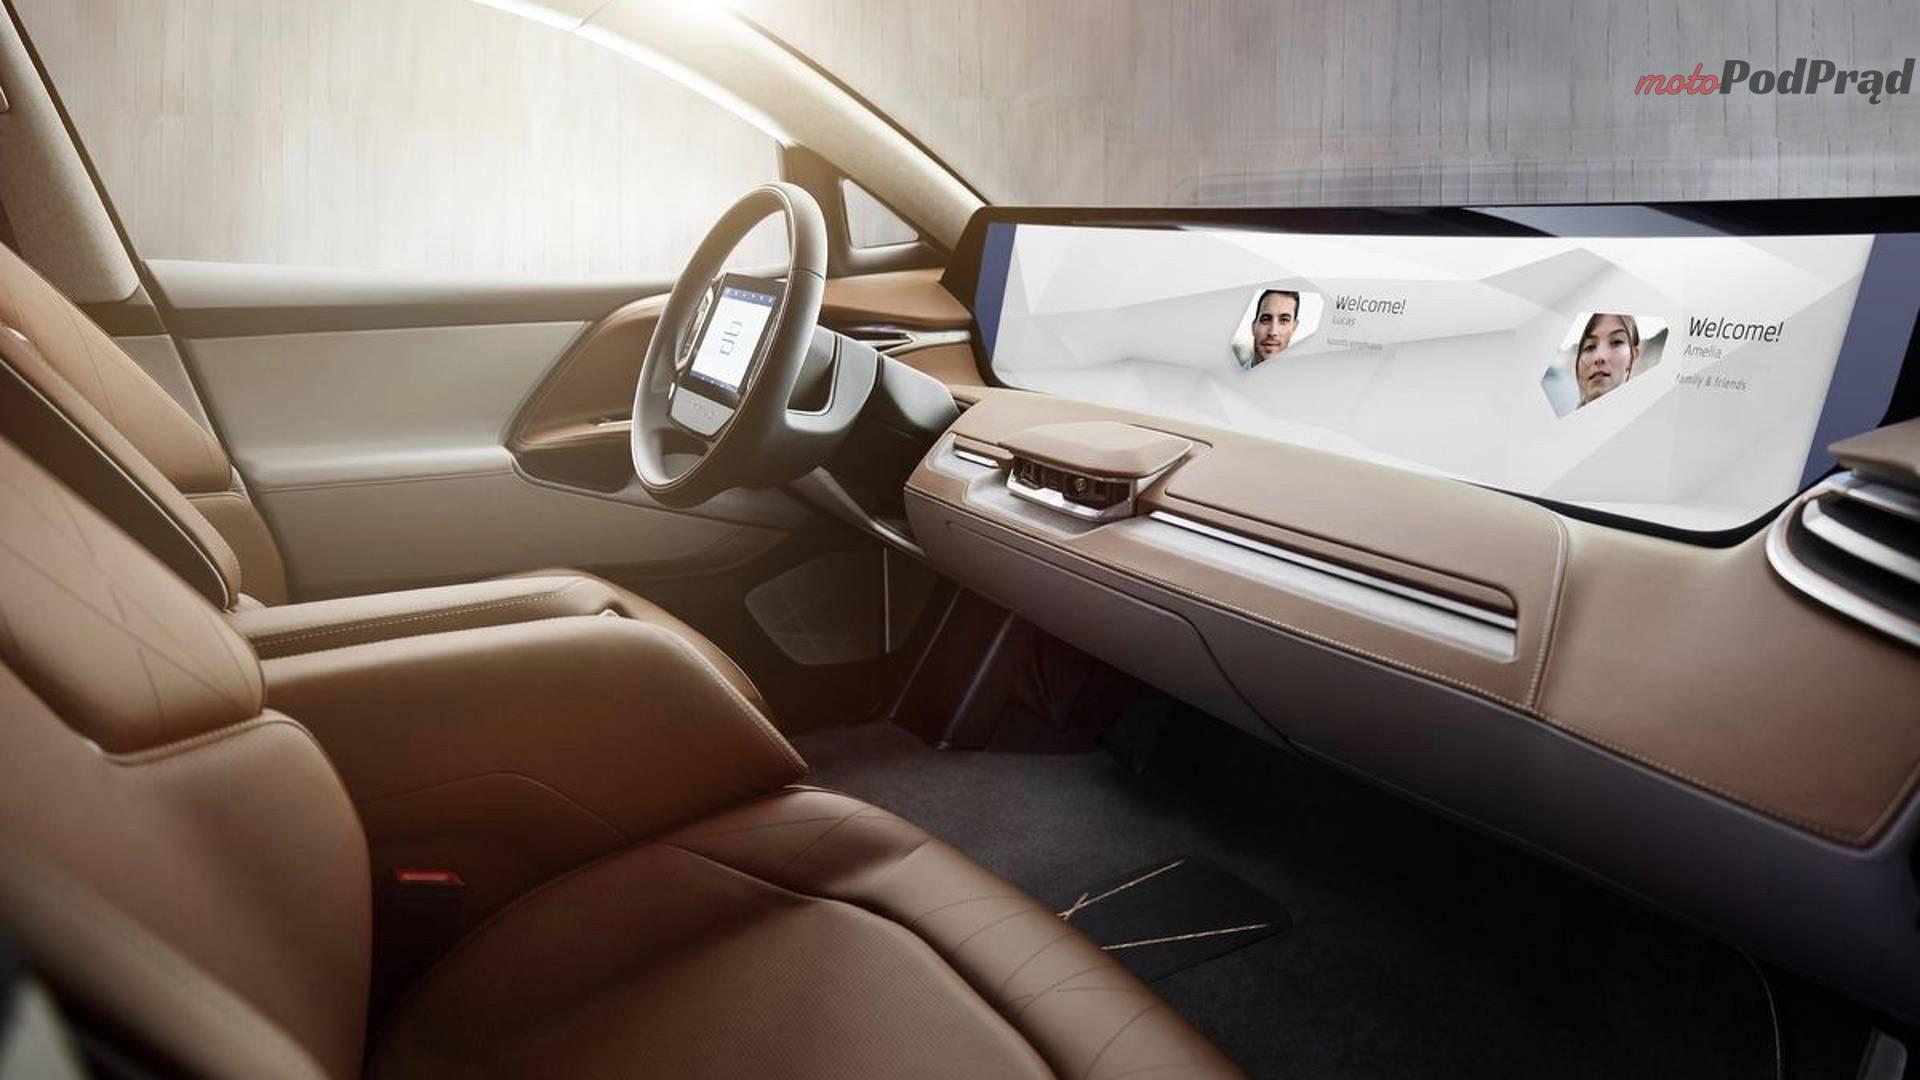 byton concept electric crossover Byton Concept   chińska odpowiedź na Teslę